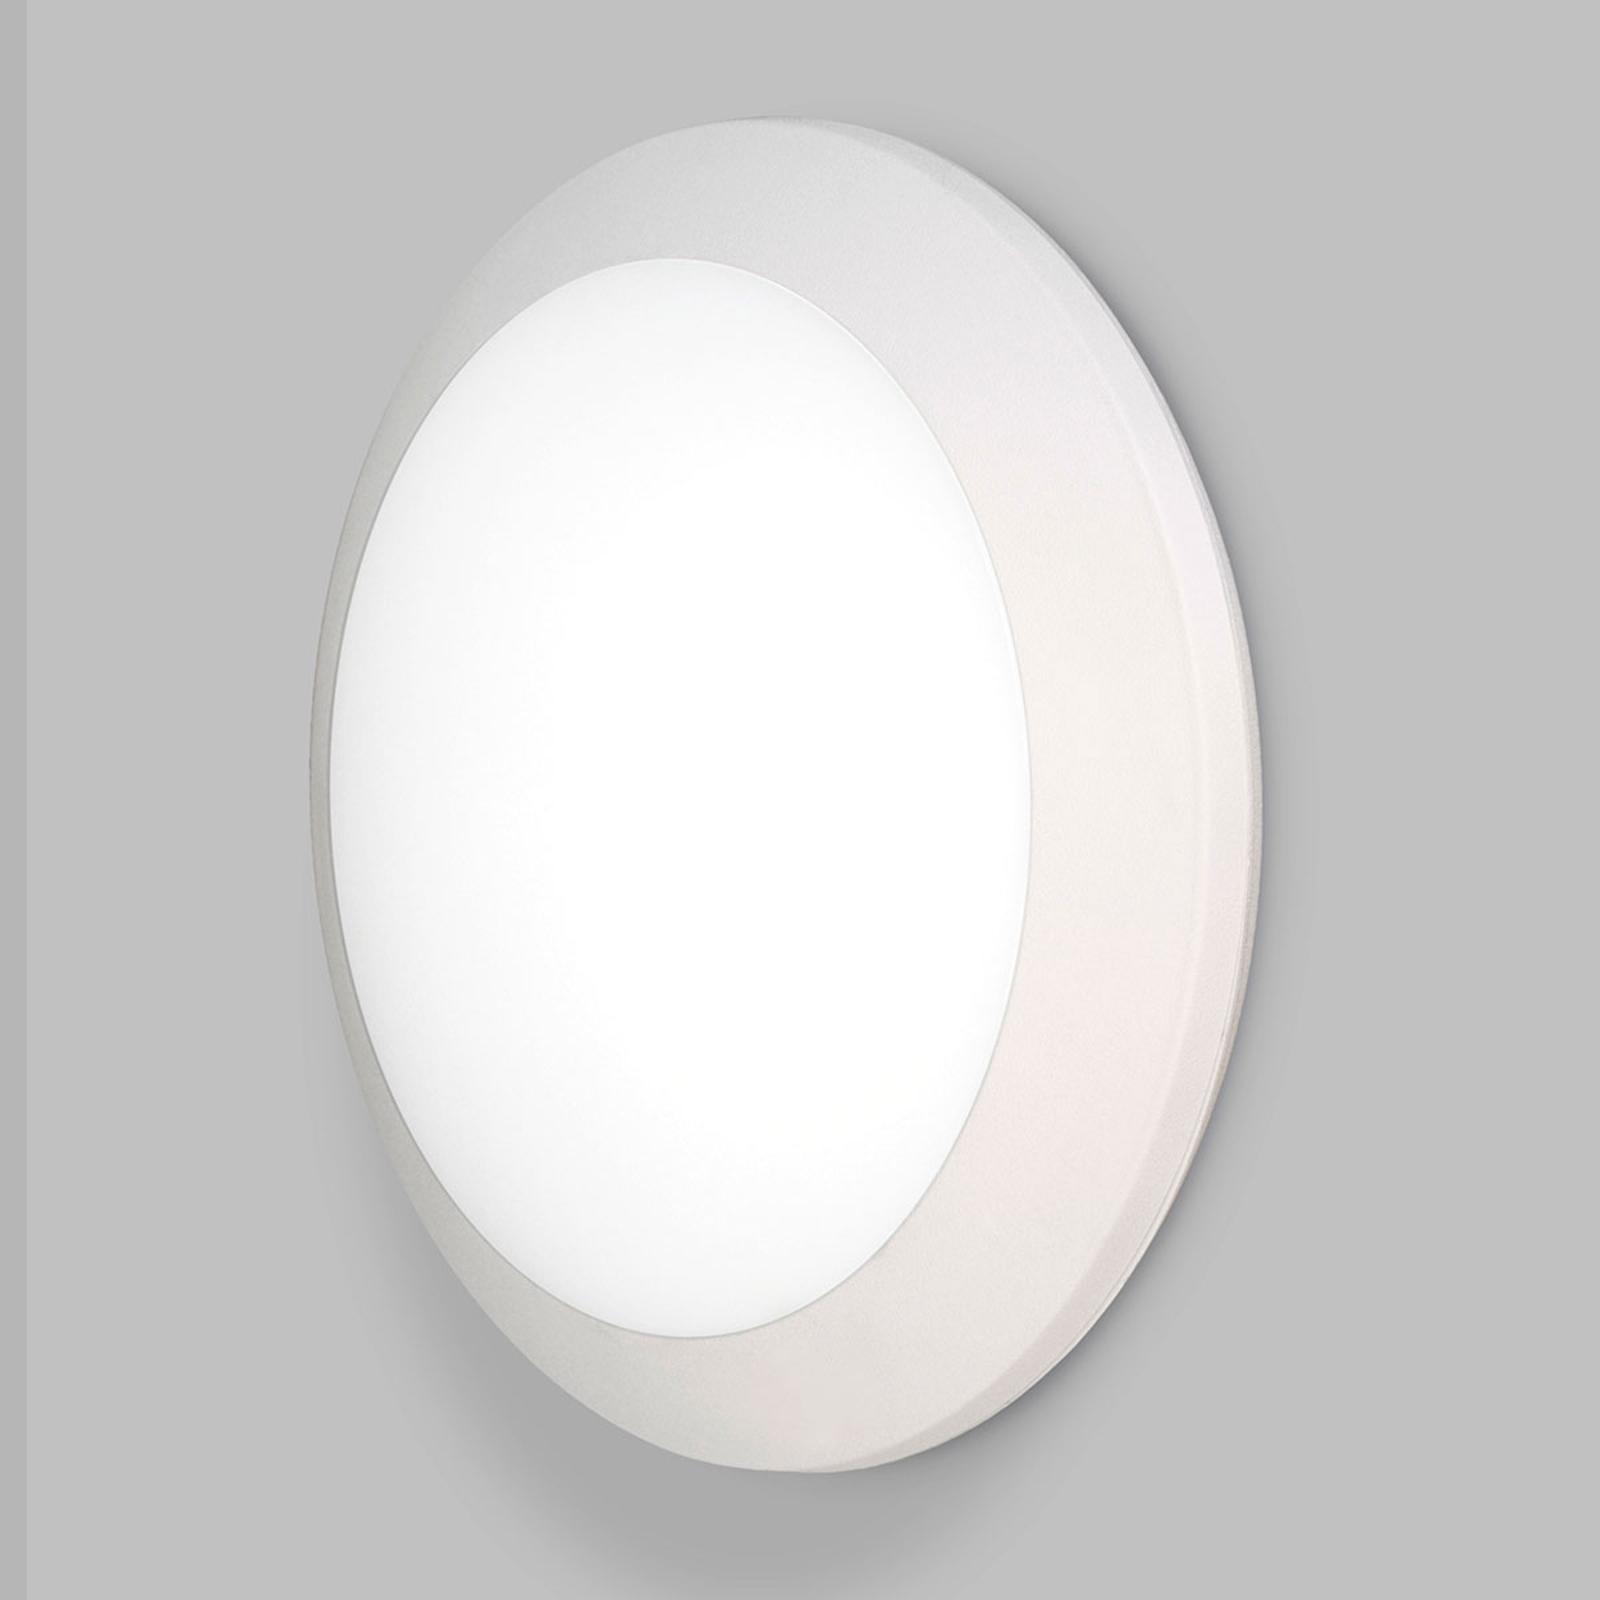 Kinkiet zewnętrzny LED Umberta Ø35cm biały 11W CCT